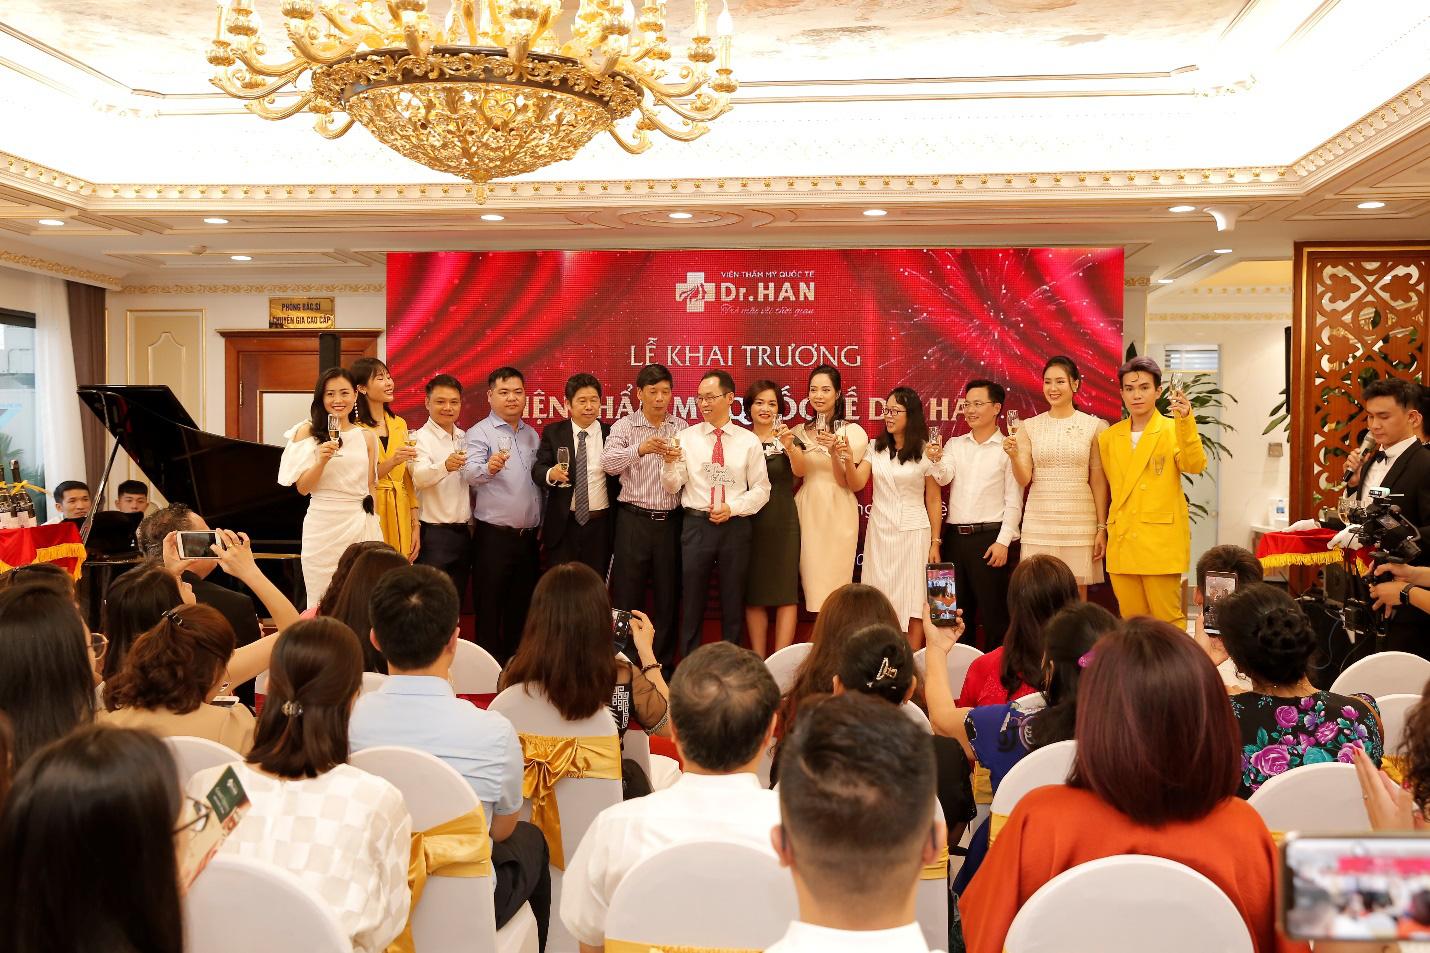 Chế độ bảo hành trọn đời – Cam kết mạnh mẽ khẳng định chất lượng dịch vụ tại Dr.Han - Ảnh 1.